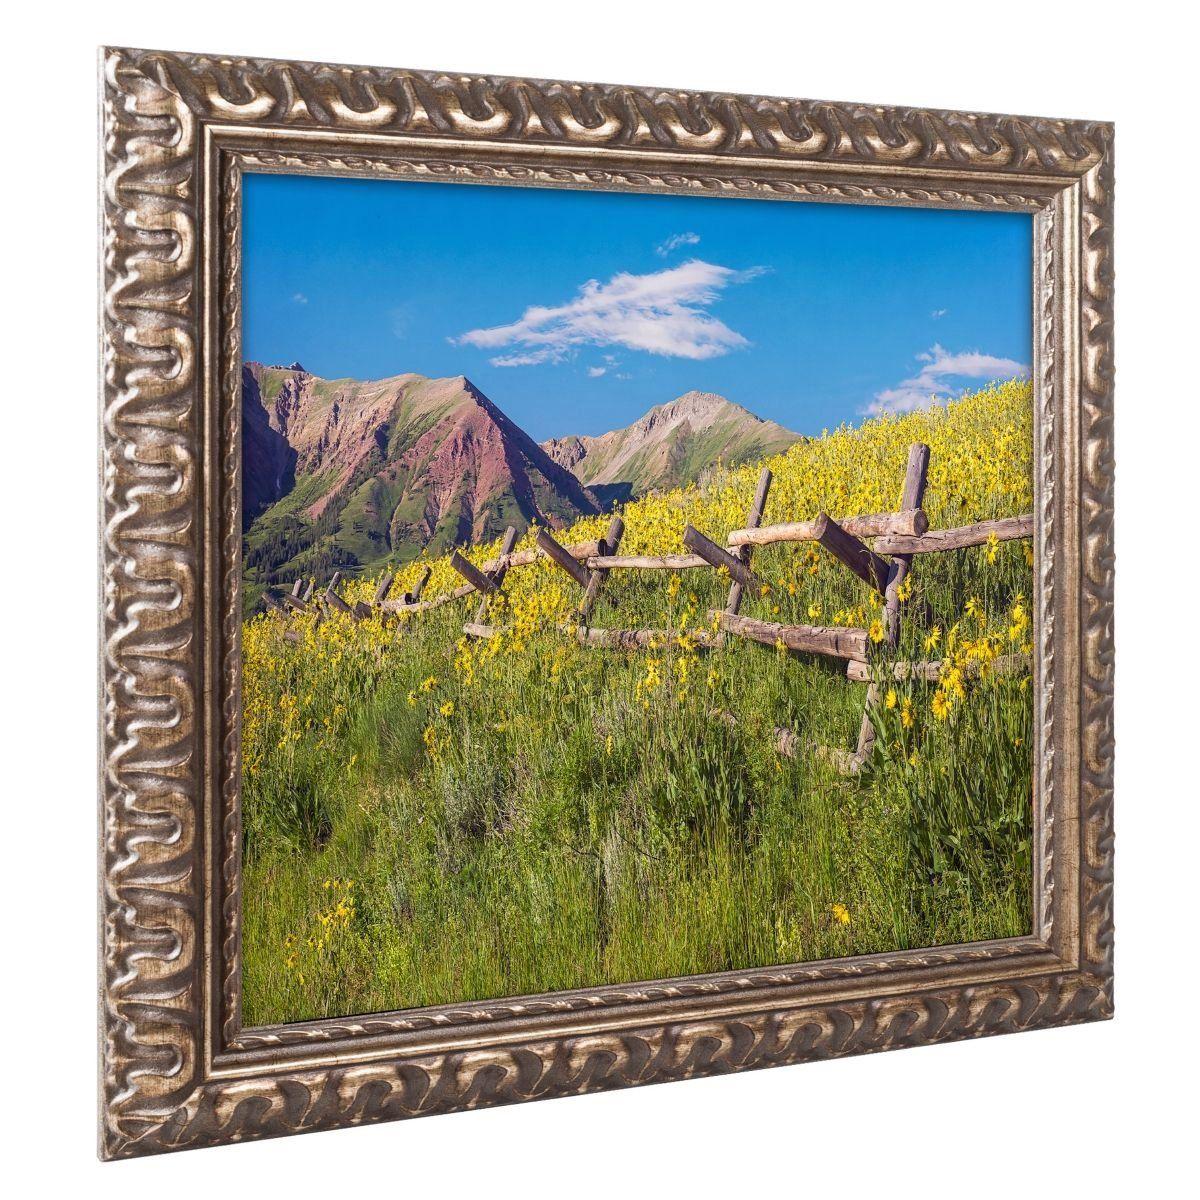 Trademark Global Michael Blanchette Photography Wood Fence Ornate Framed Art 17 75 1000 Framed Photographs Trademark Fine Art Fine Art